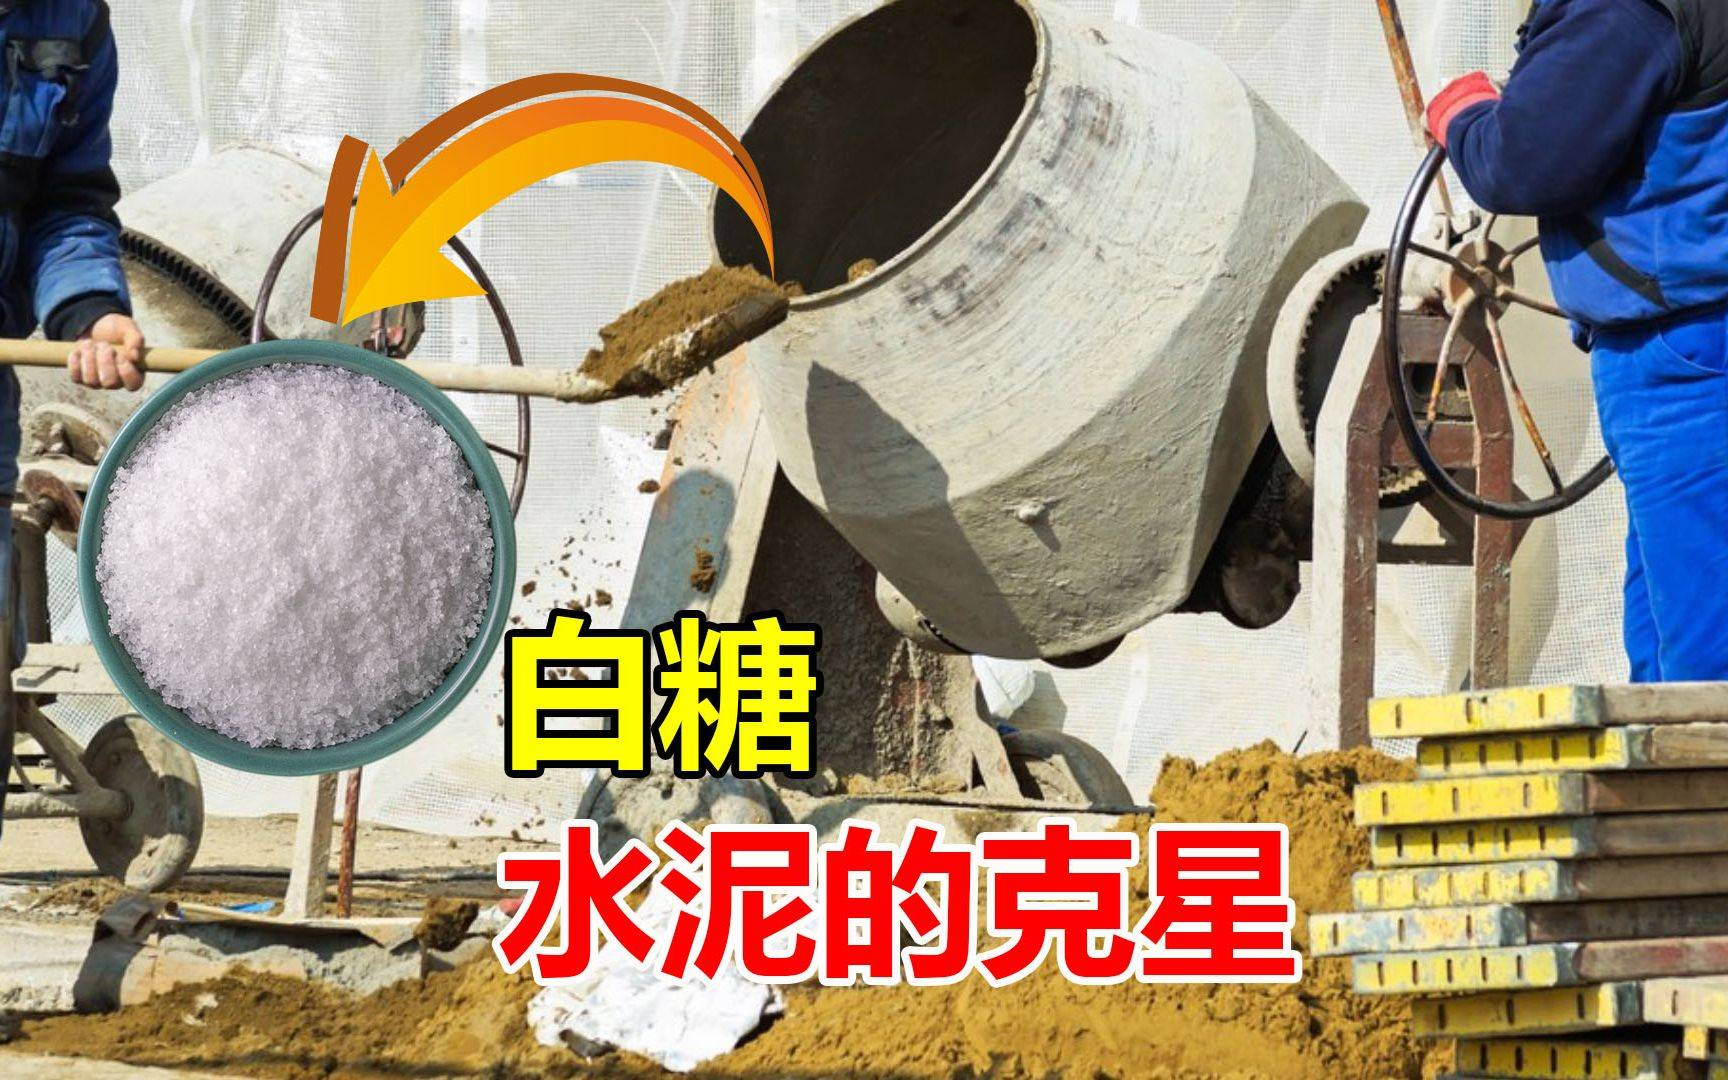 为什么建筑工人, 要往水泥里加糖? 白糖真的能阻碍水泥变硬吗?